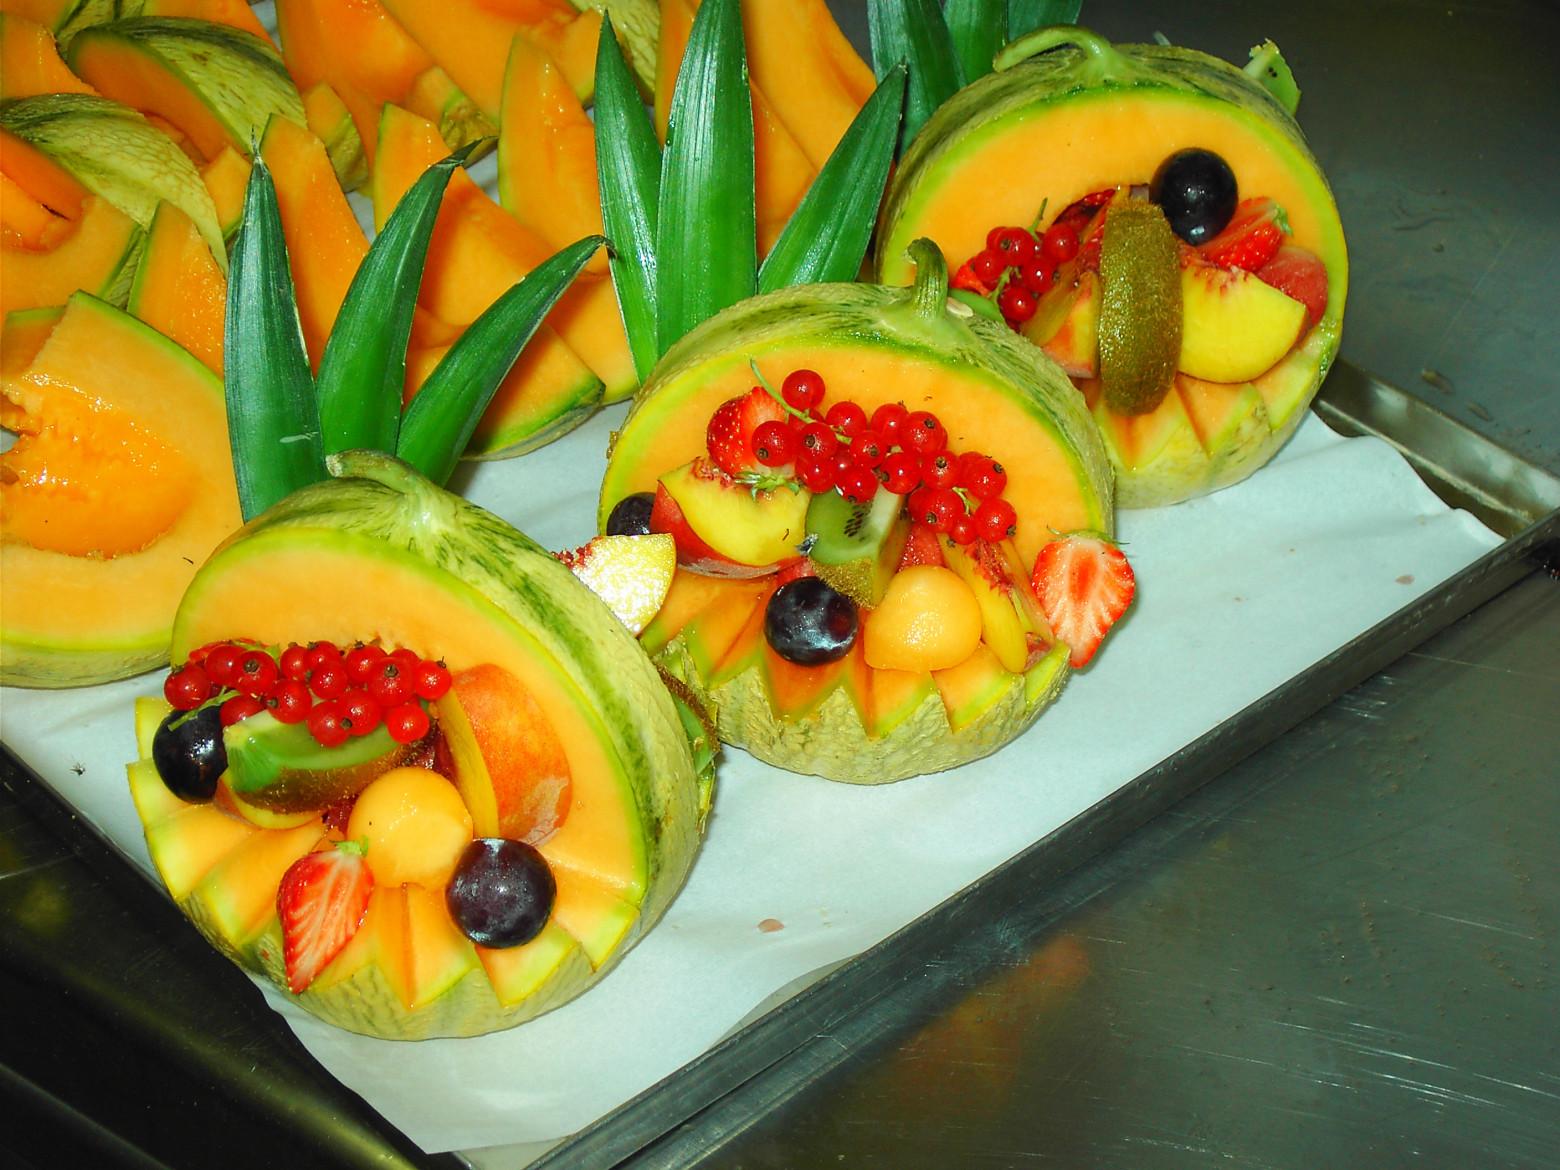 panier dessert de fruit pastéque melon kiwis fraises raisin | images